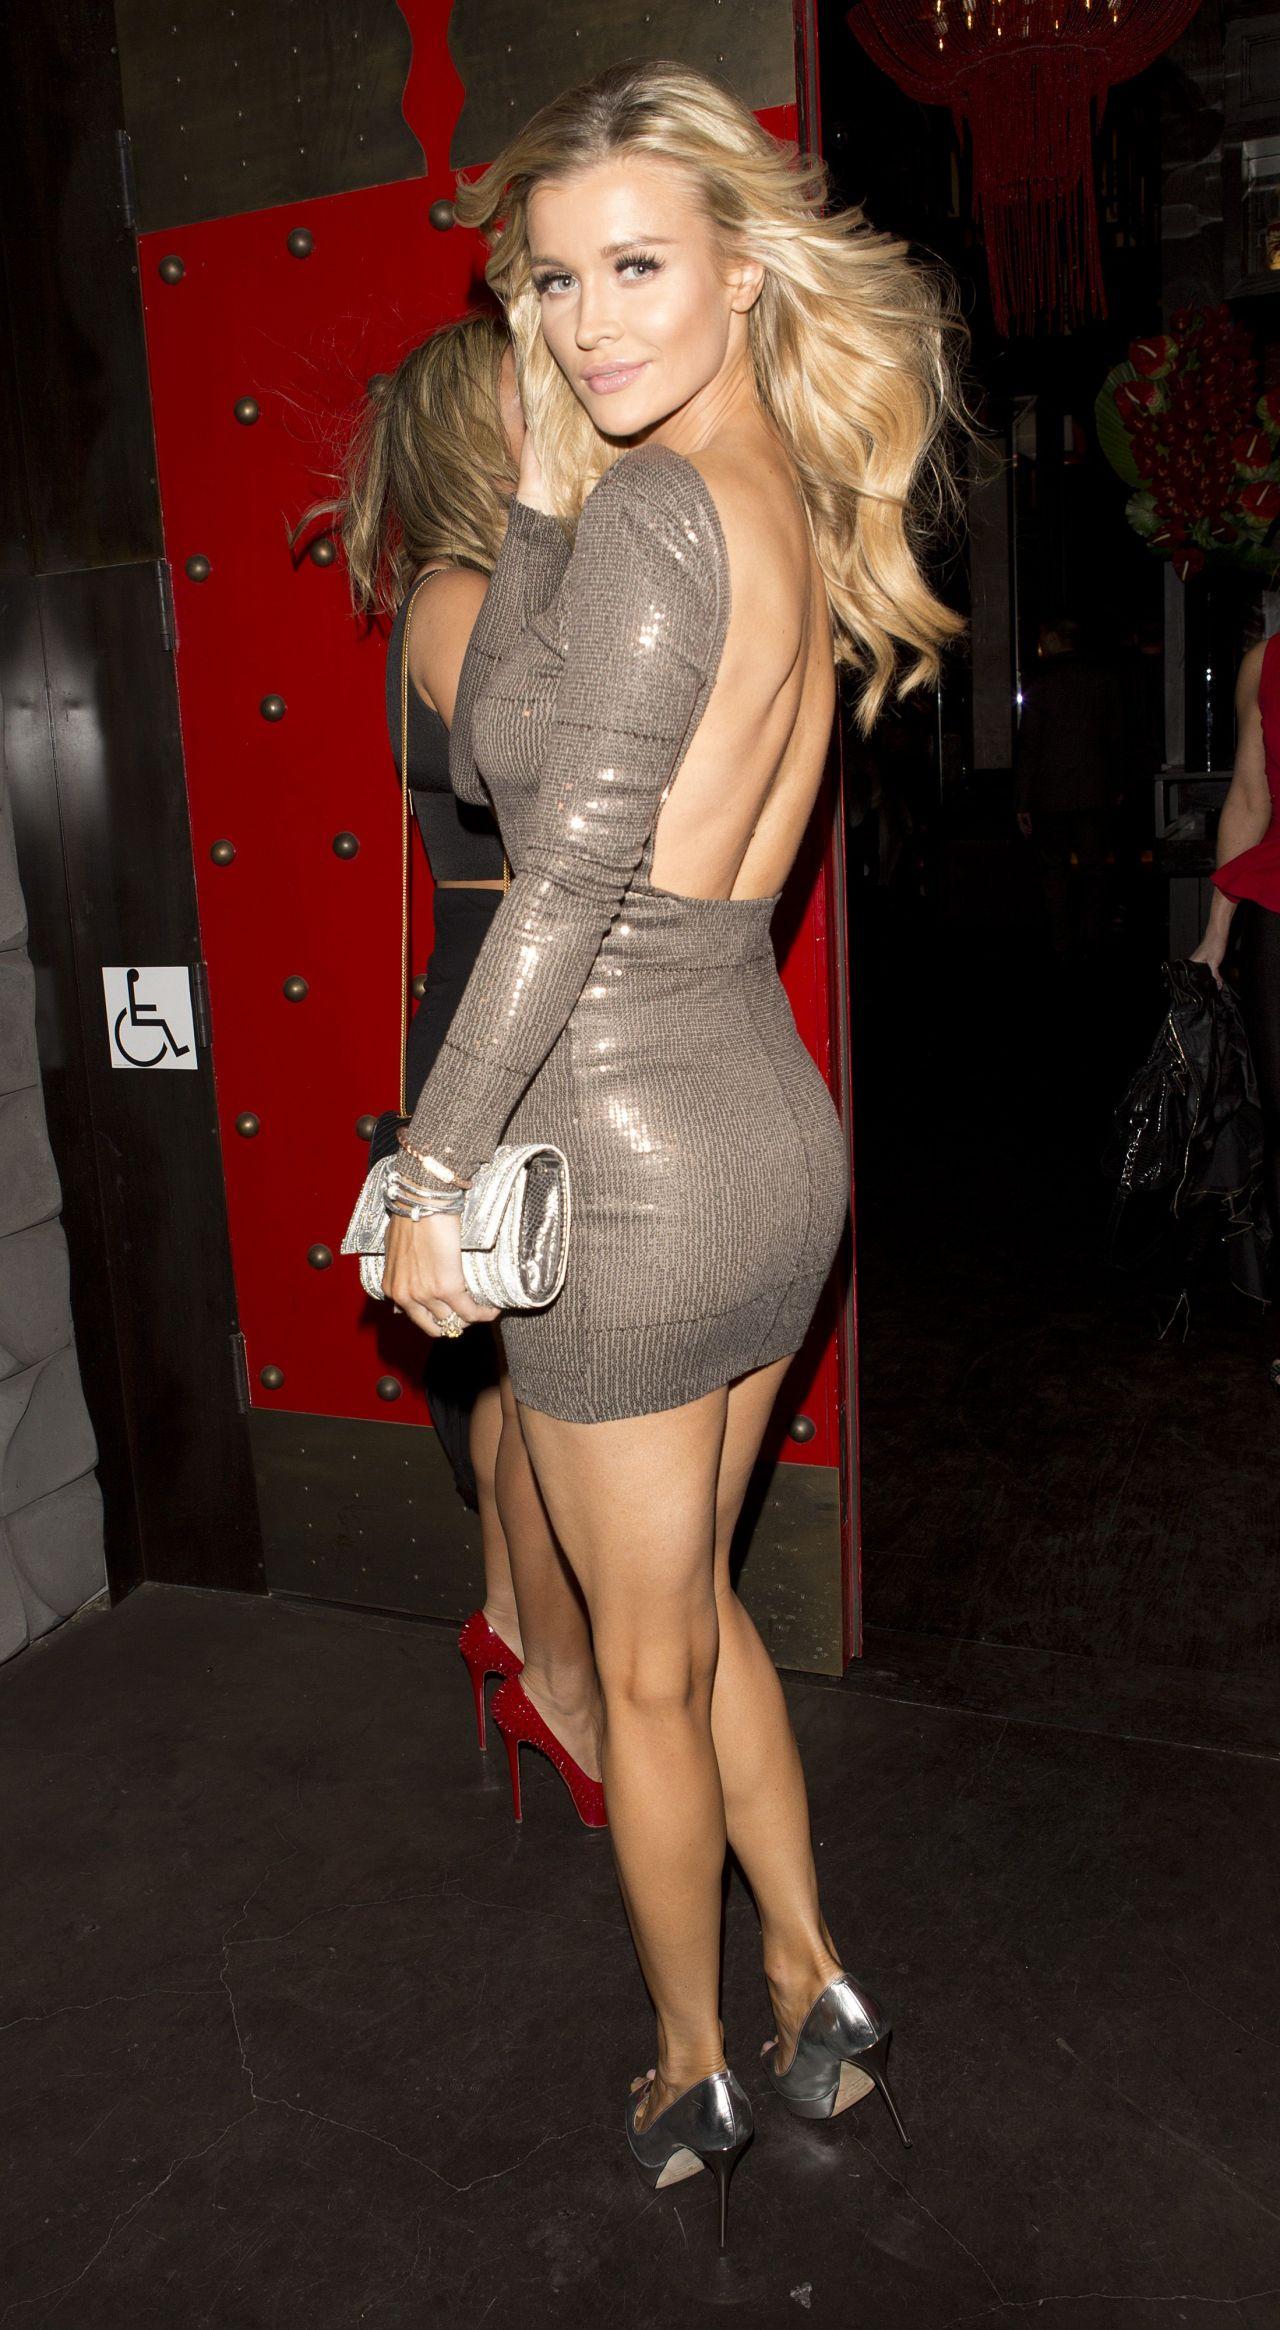 Gomez Dress Club Selena